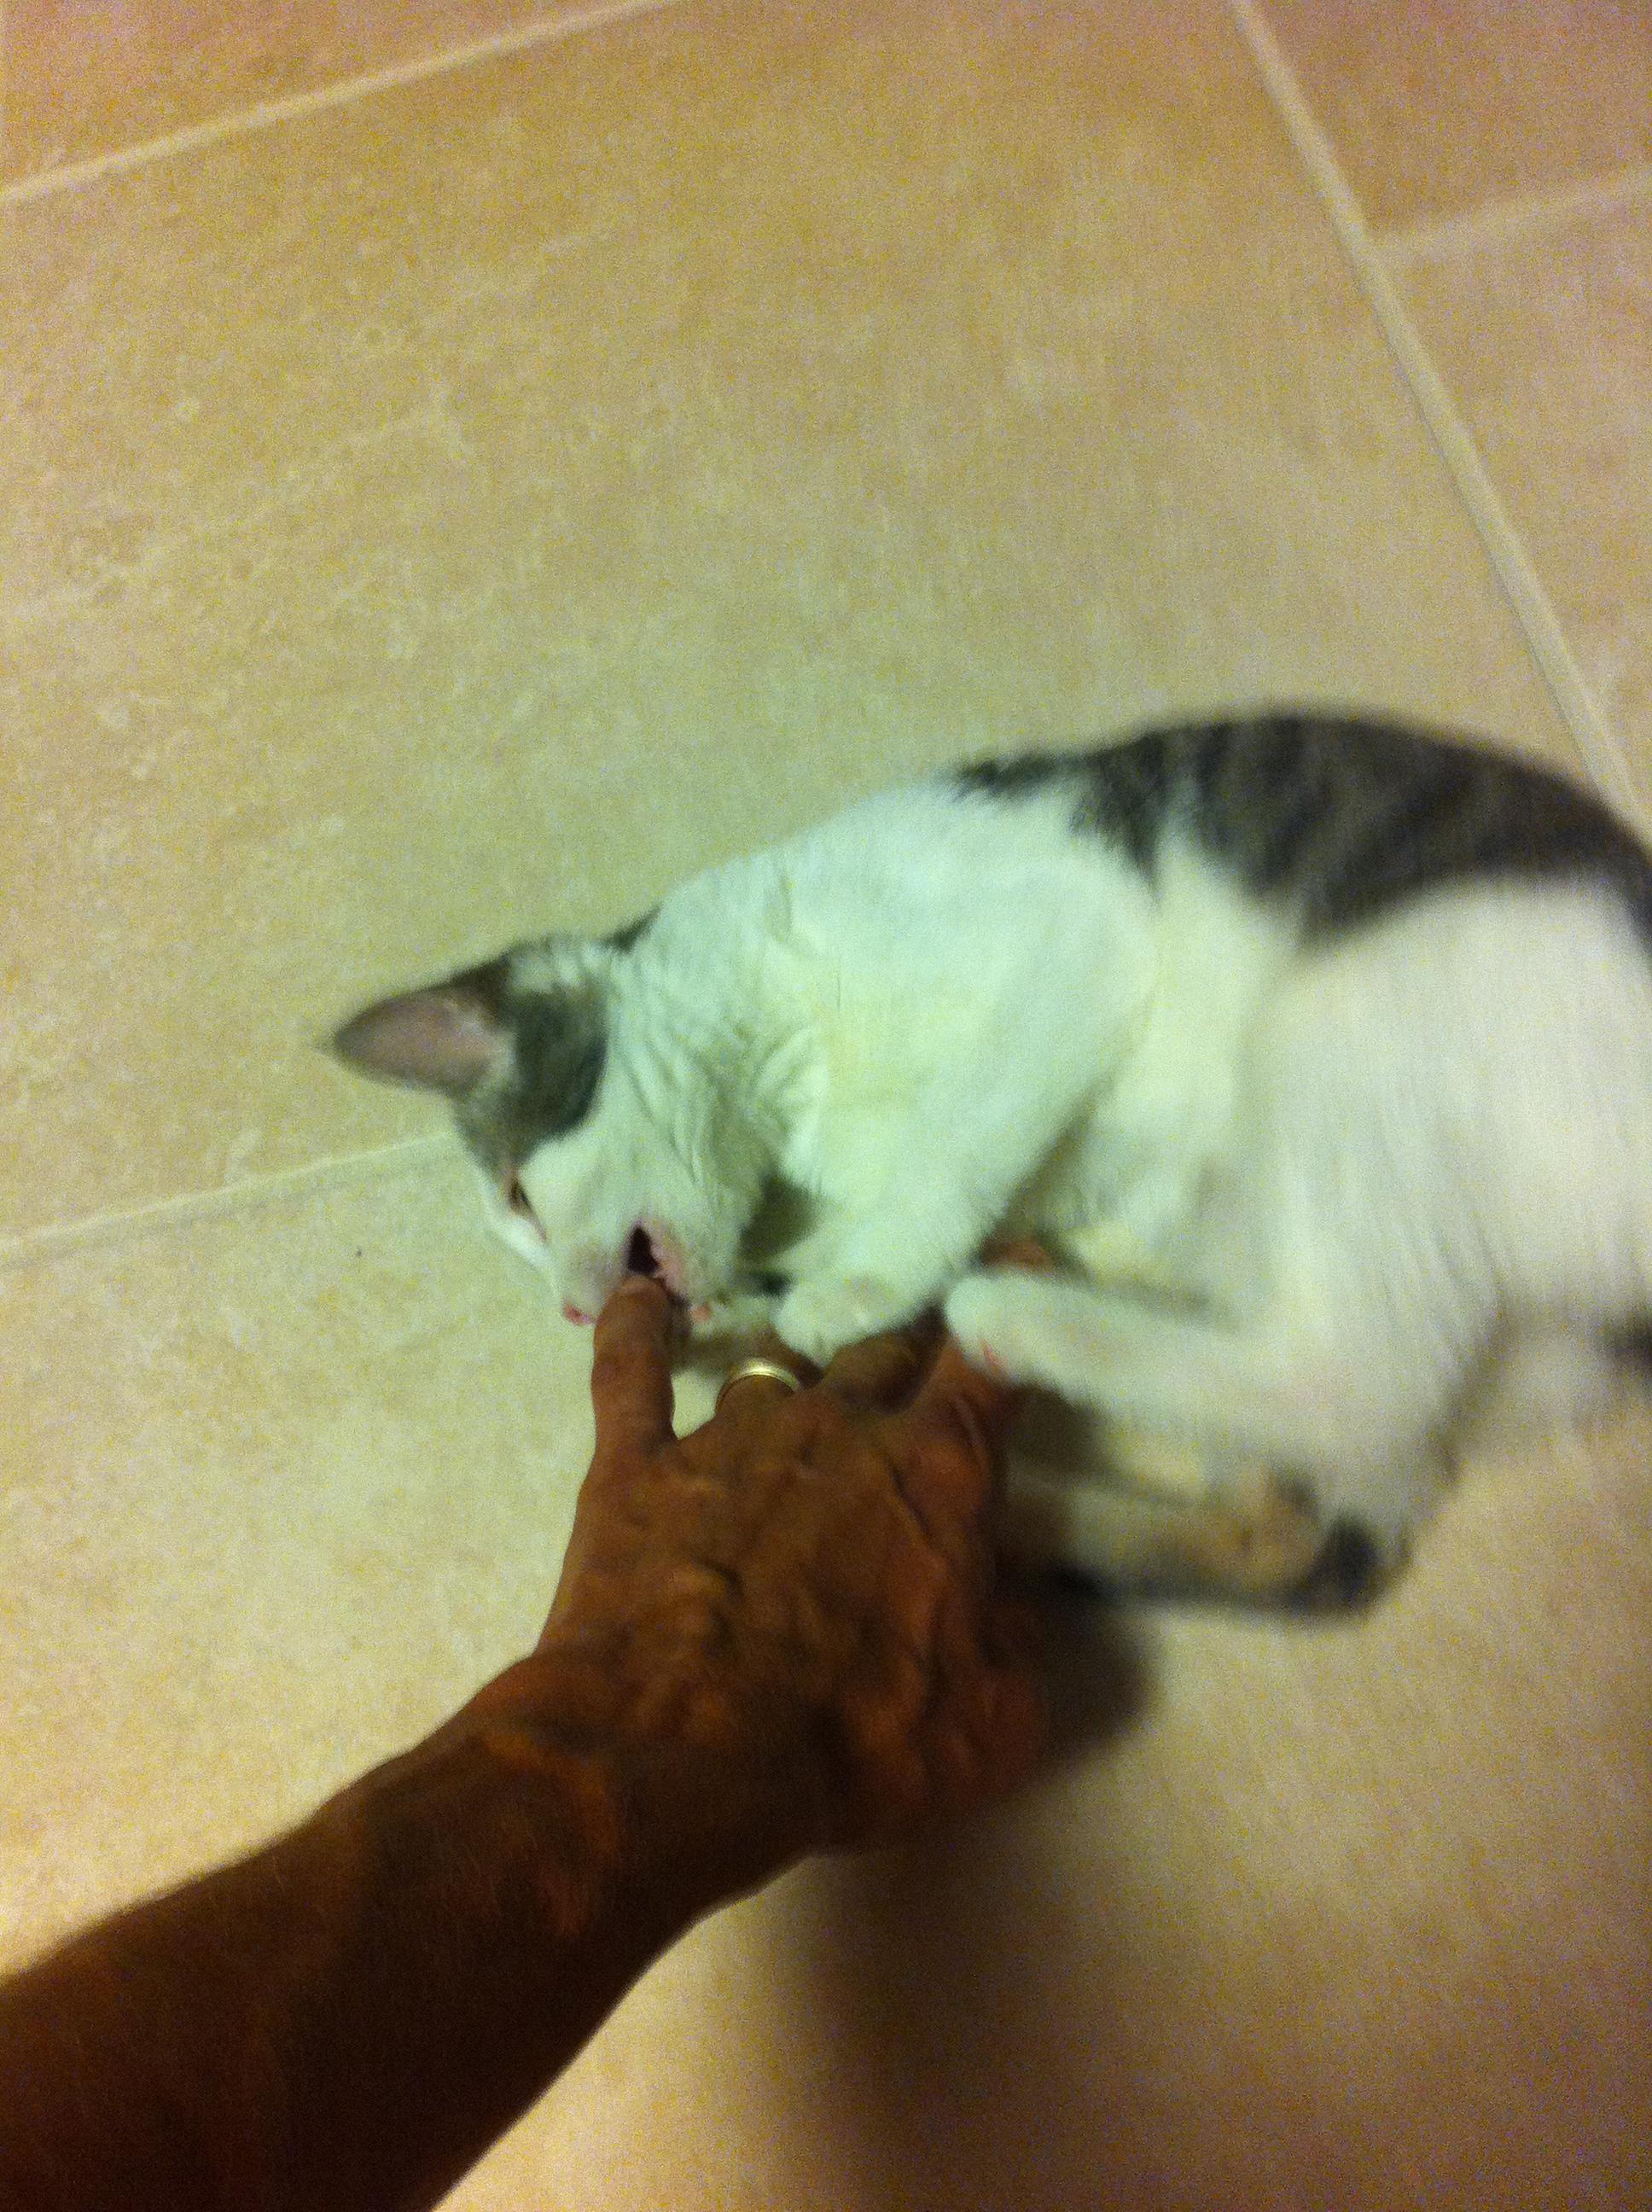 Kitten attacking finger.